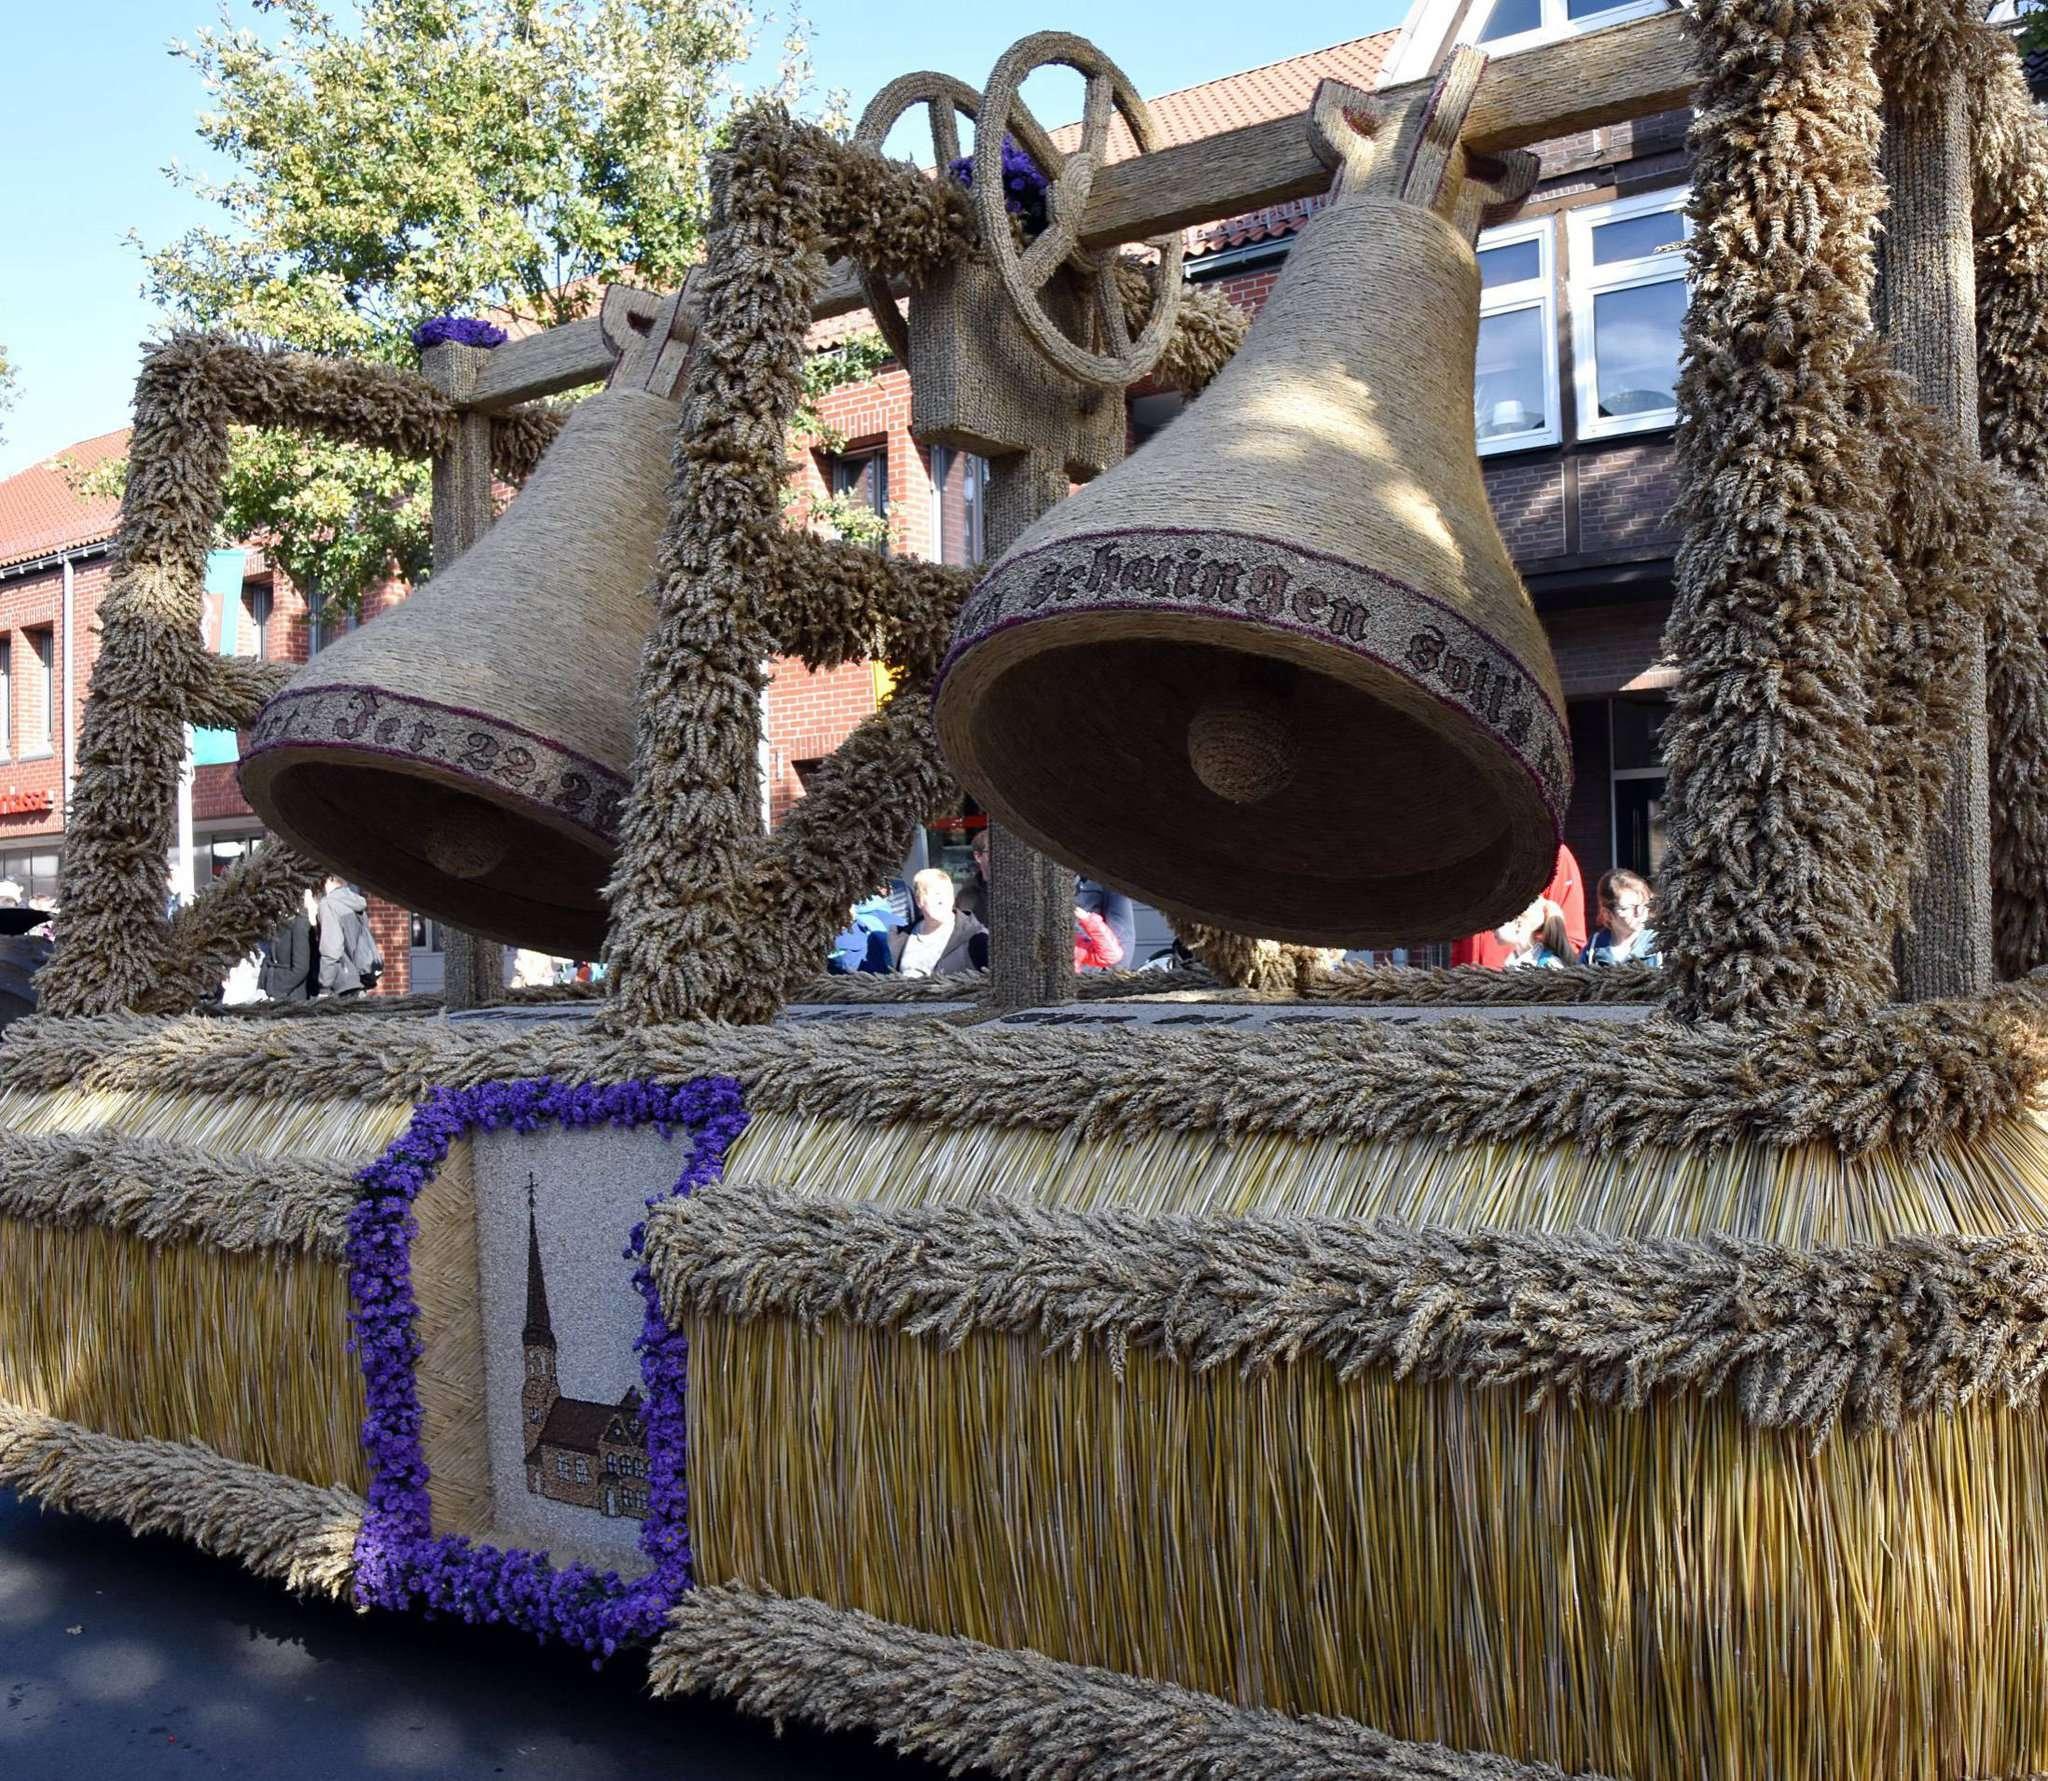 Der Wagen der Dorfjugend Klein Sittensen mit dem Nachbau der Sittenser Kirchturmglocken erzielte den begehrten Sieg in der Gruppe der schönsten Bördewagen.